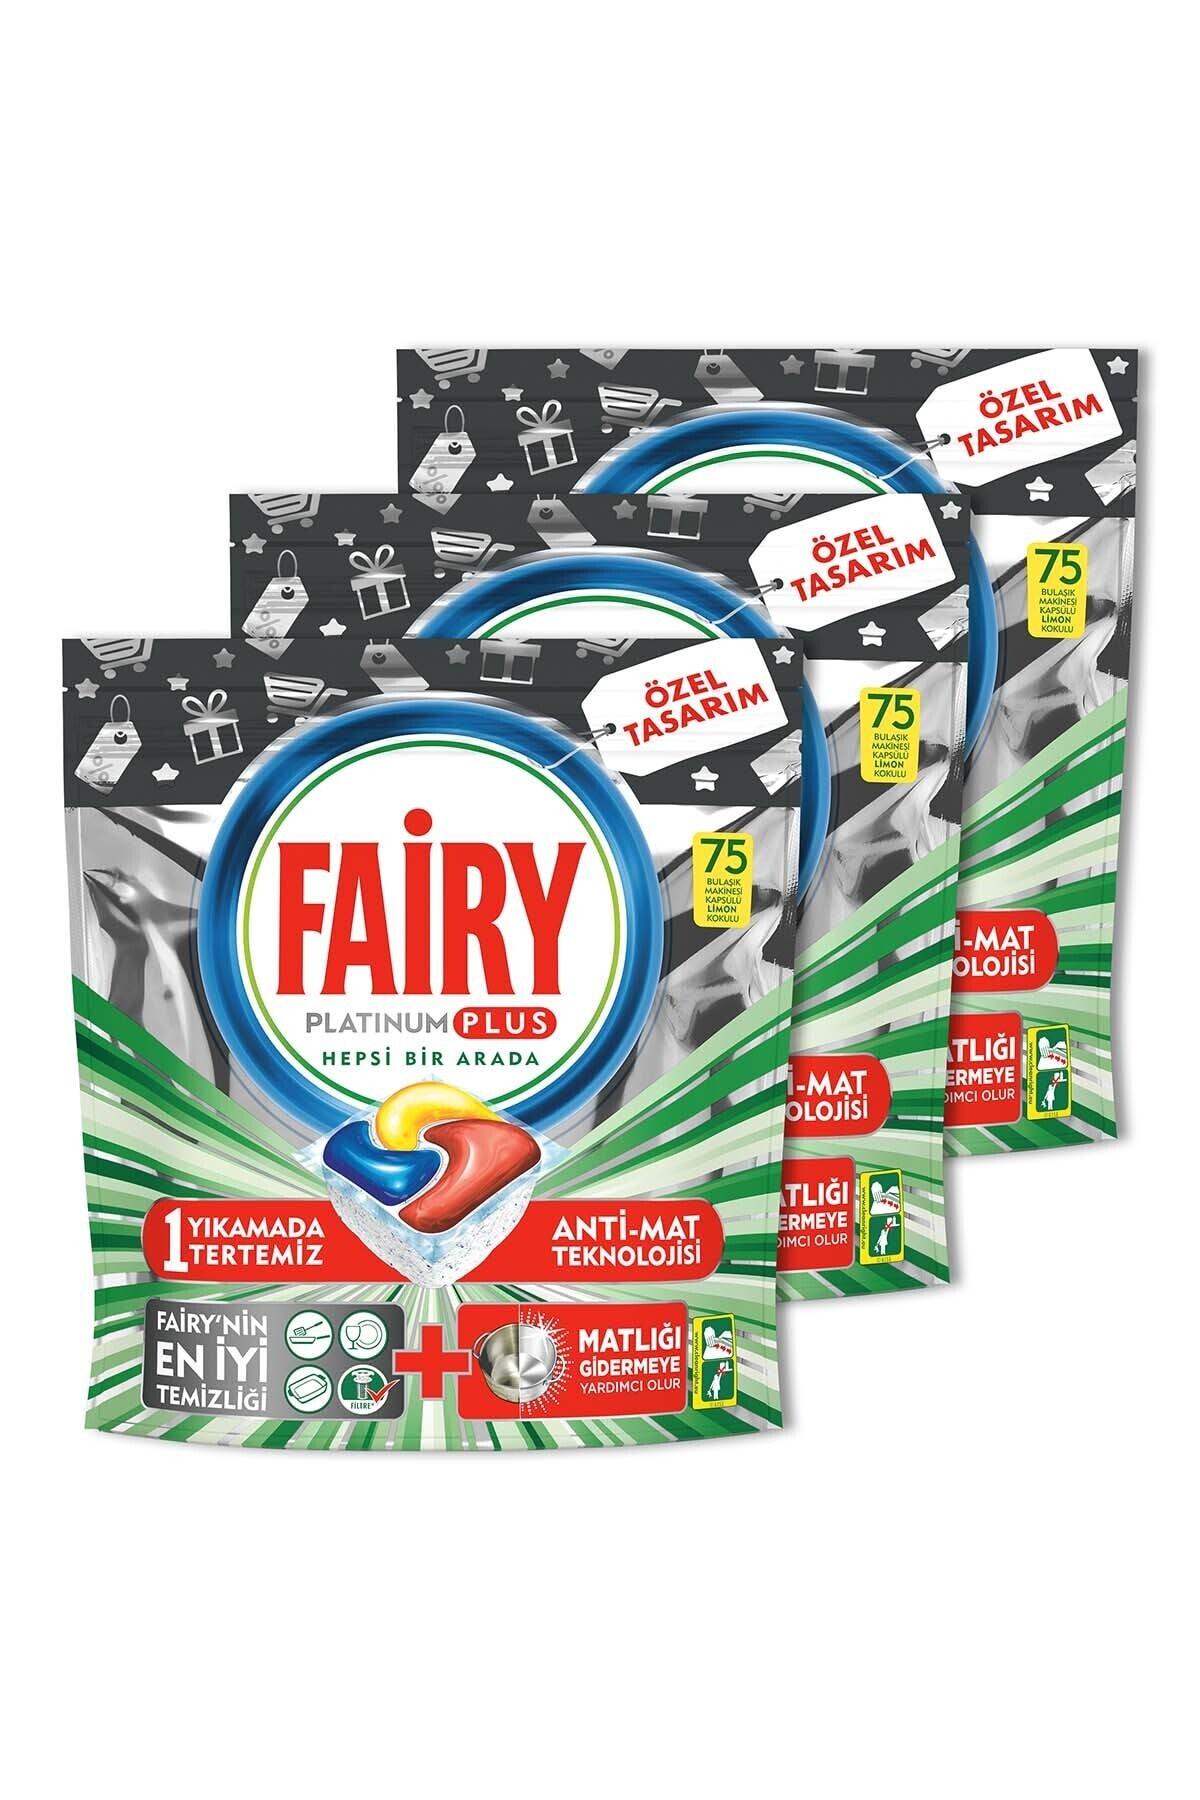 Fairy Platinum Plus 3*75 Yıkama Bulaşık Makinesi Kapsülü Özel Seri 2